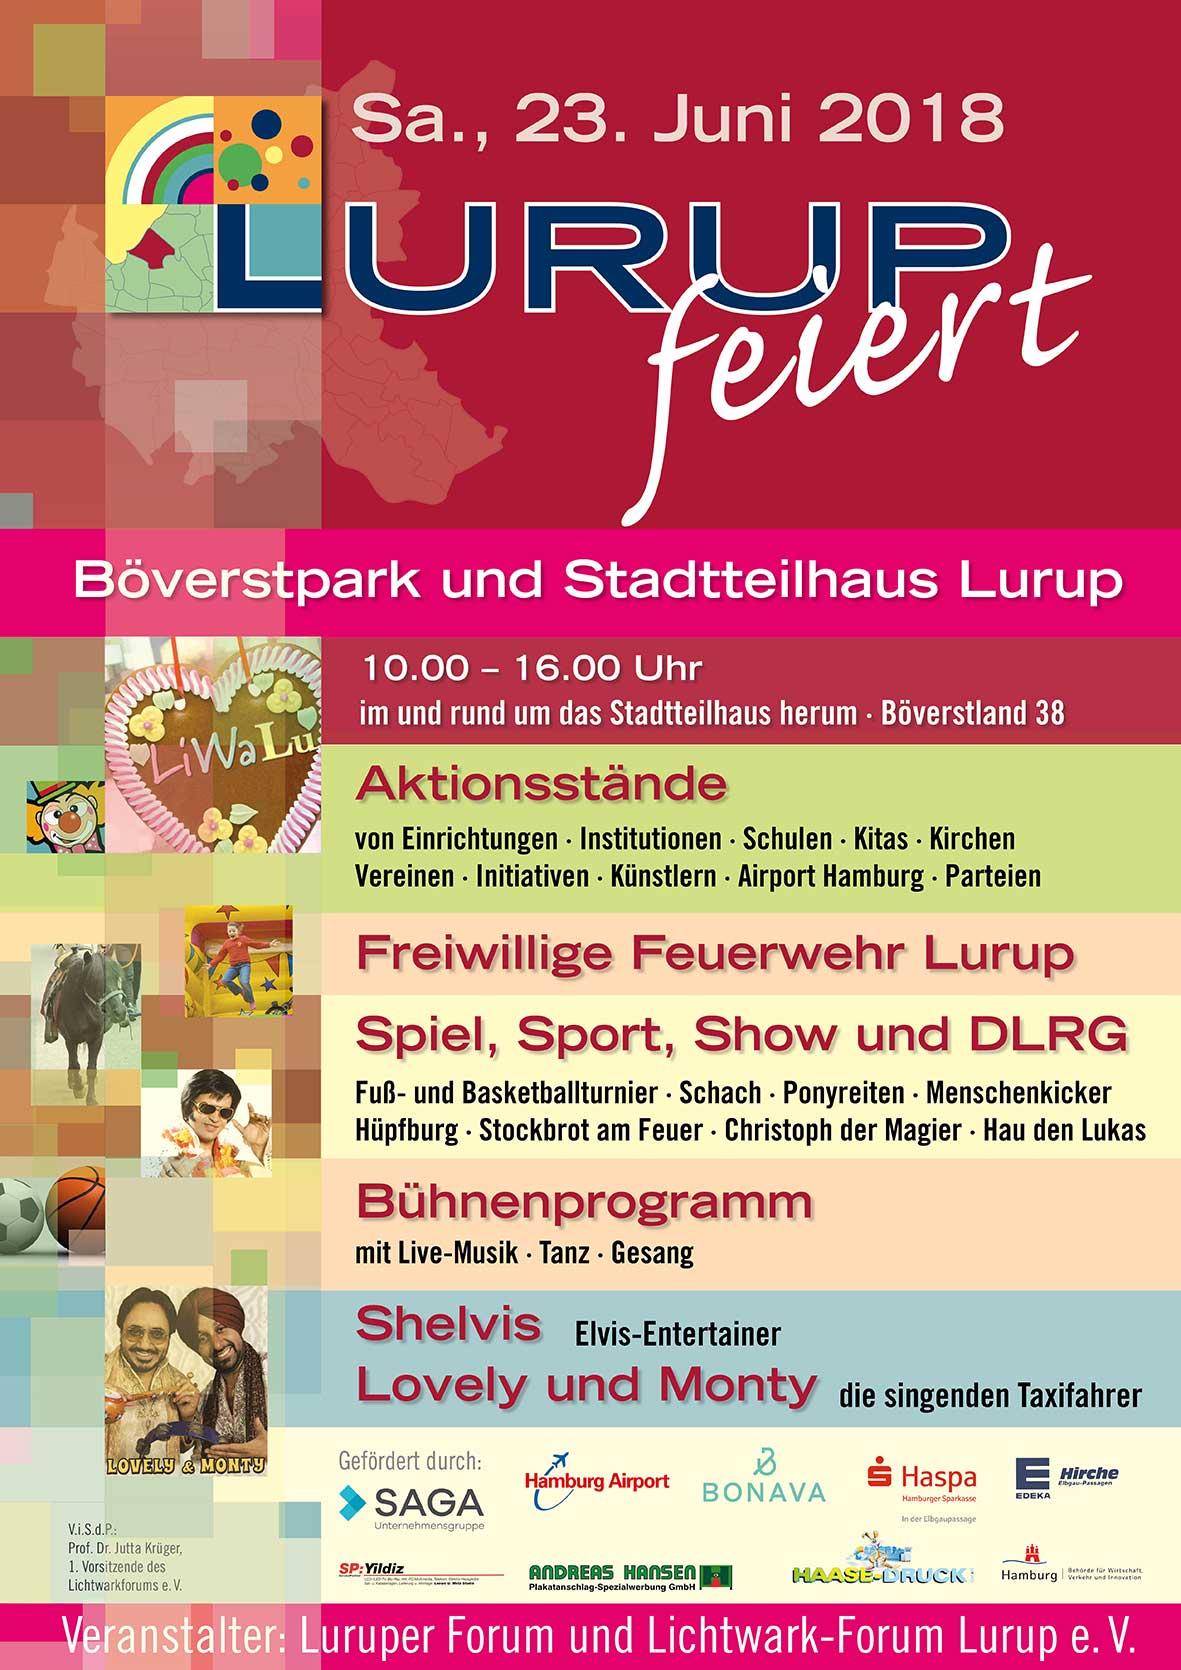 Lurup-feiert-Poster2018-WEB